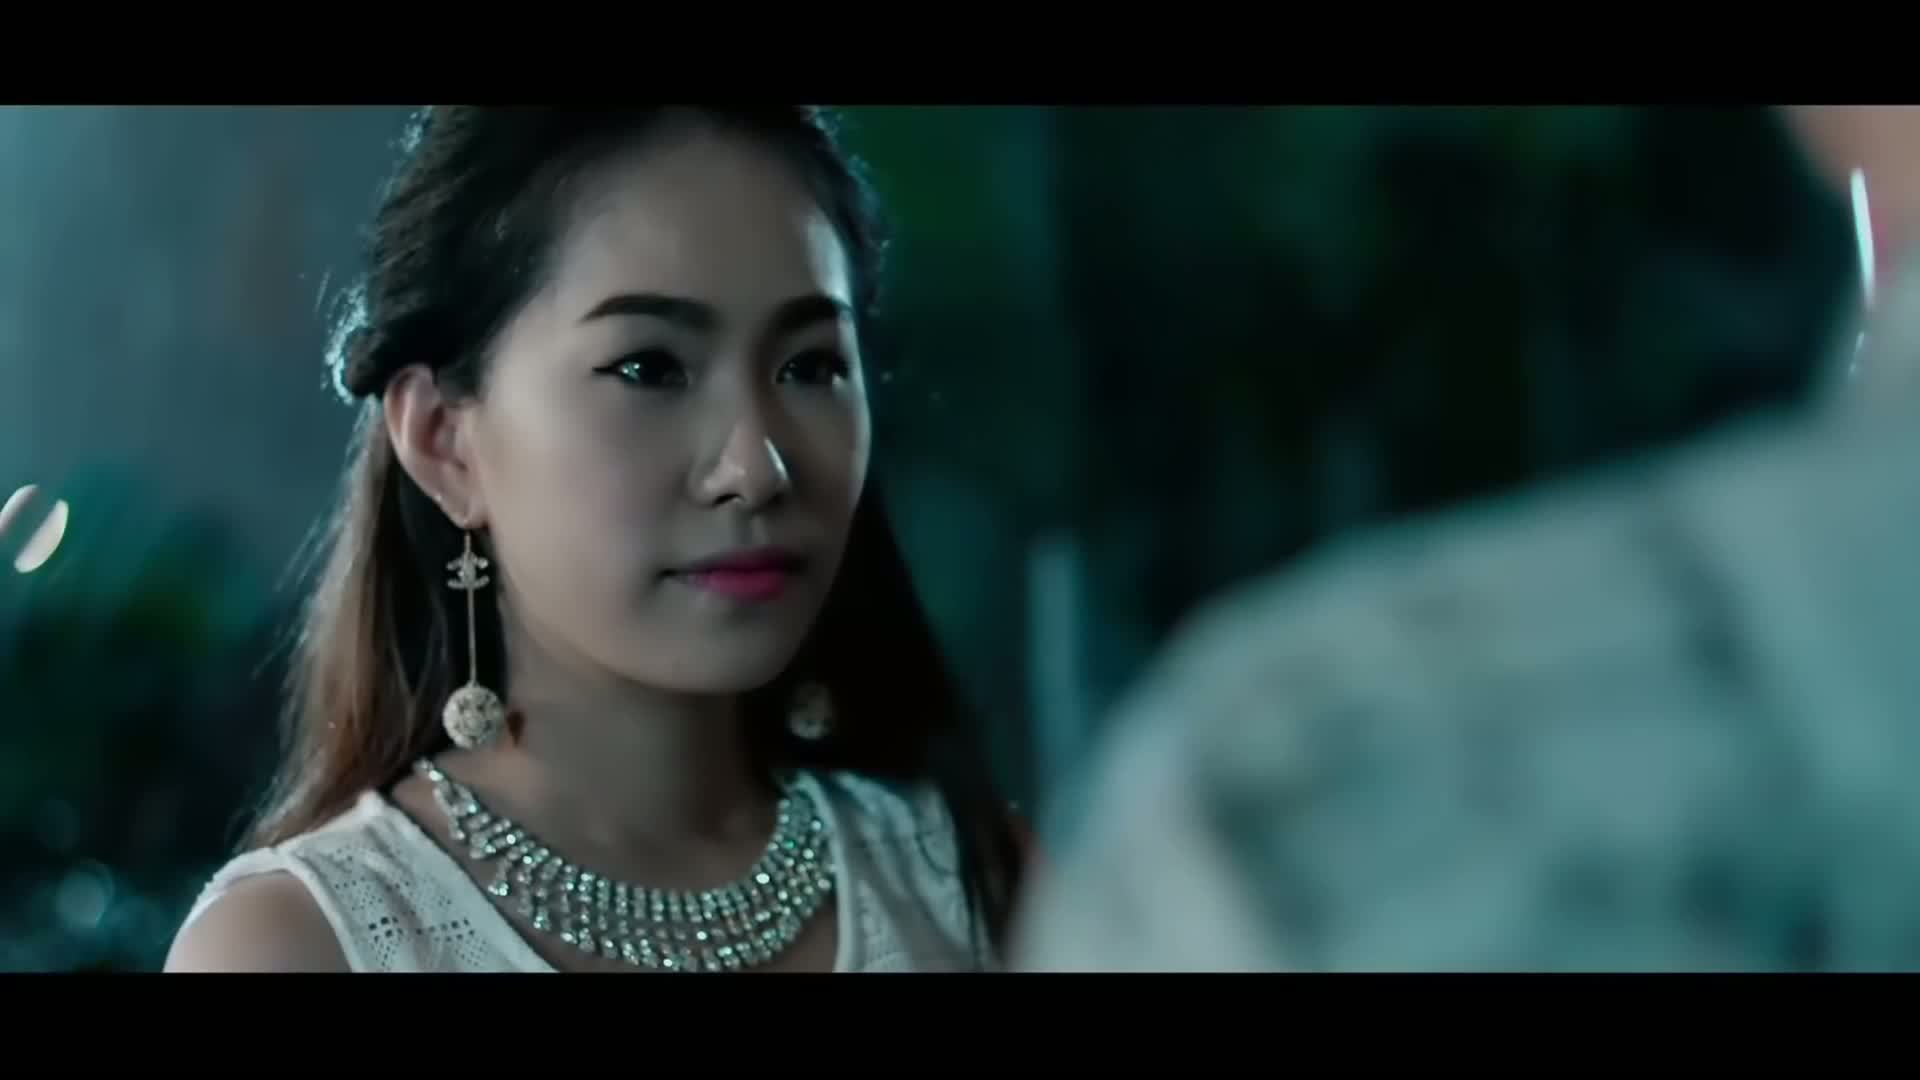 [MV] Vội vã yêu nhau vội vã rời - Ngô Kiến Huy, Lương Bích Hữu